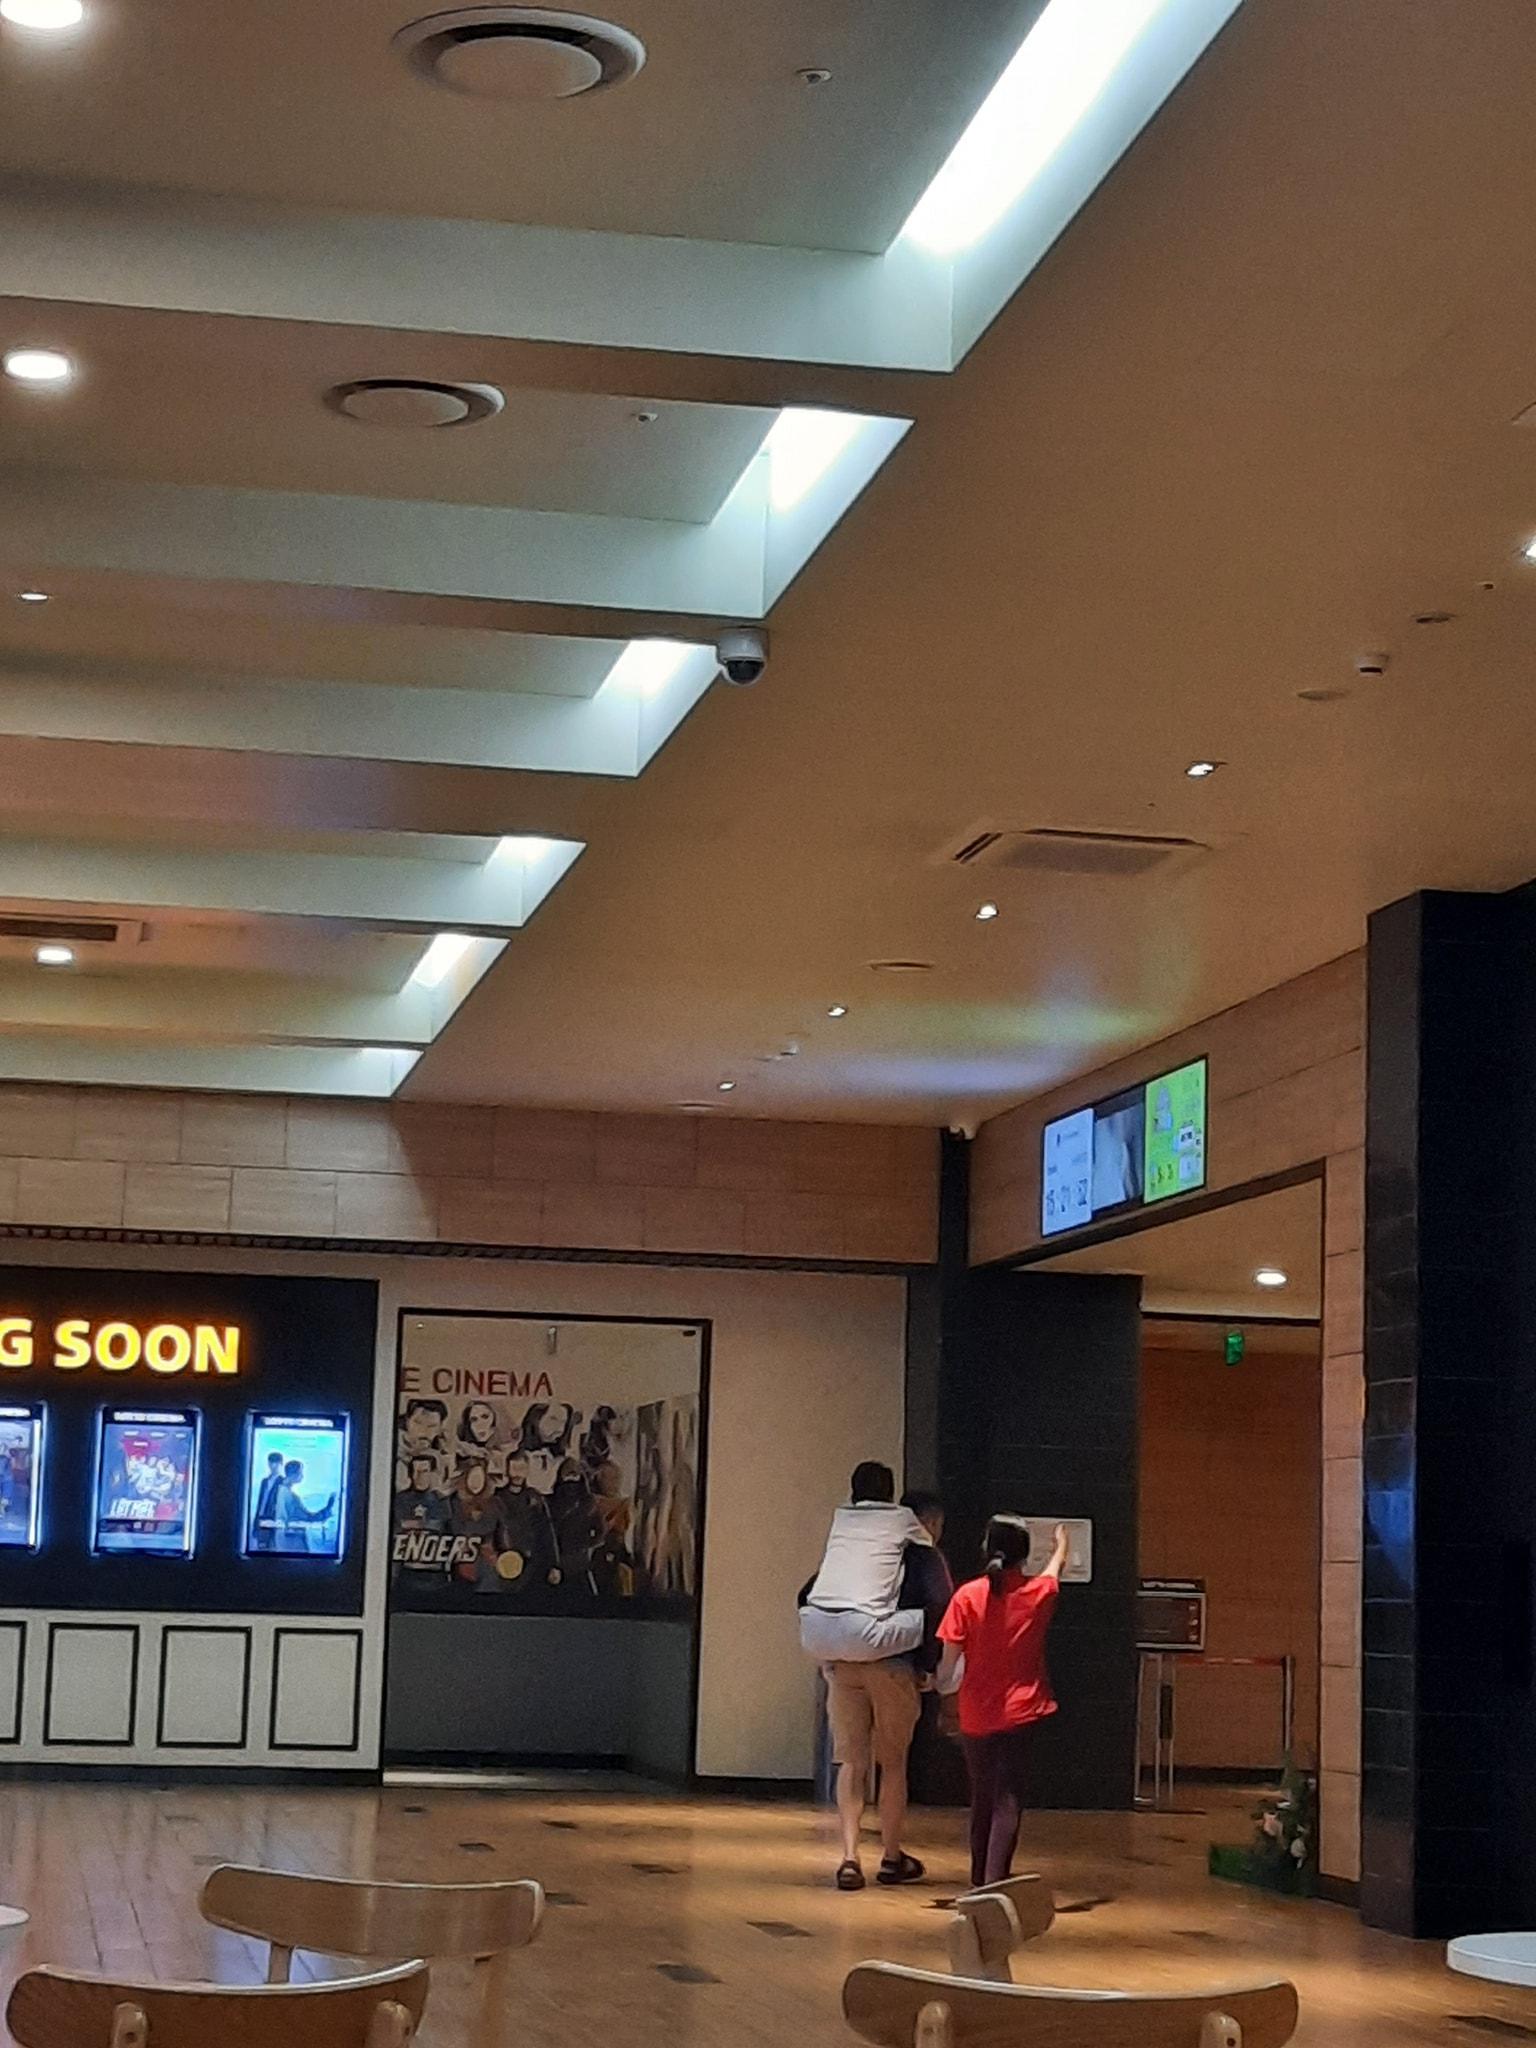 Xúc động hình ảnh con trai cõng bố già đến rạp chiếu phim: Ba ngồi đây nghỉ để con đi mua vé 001